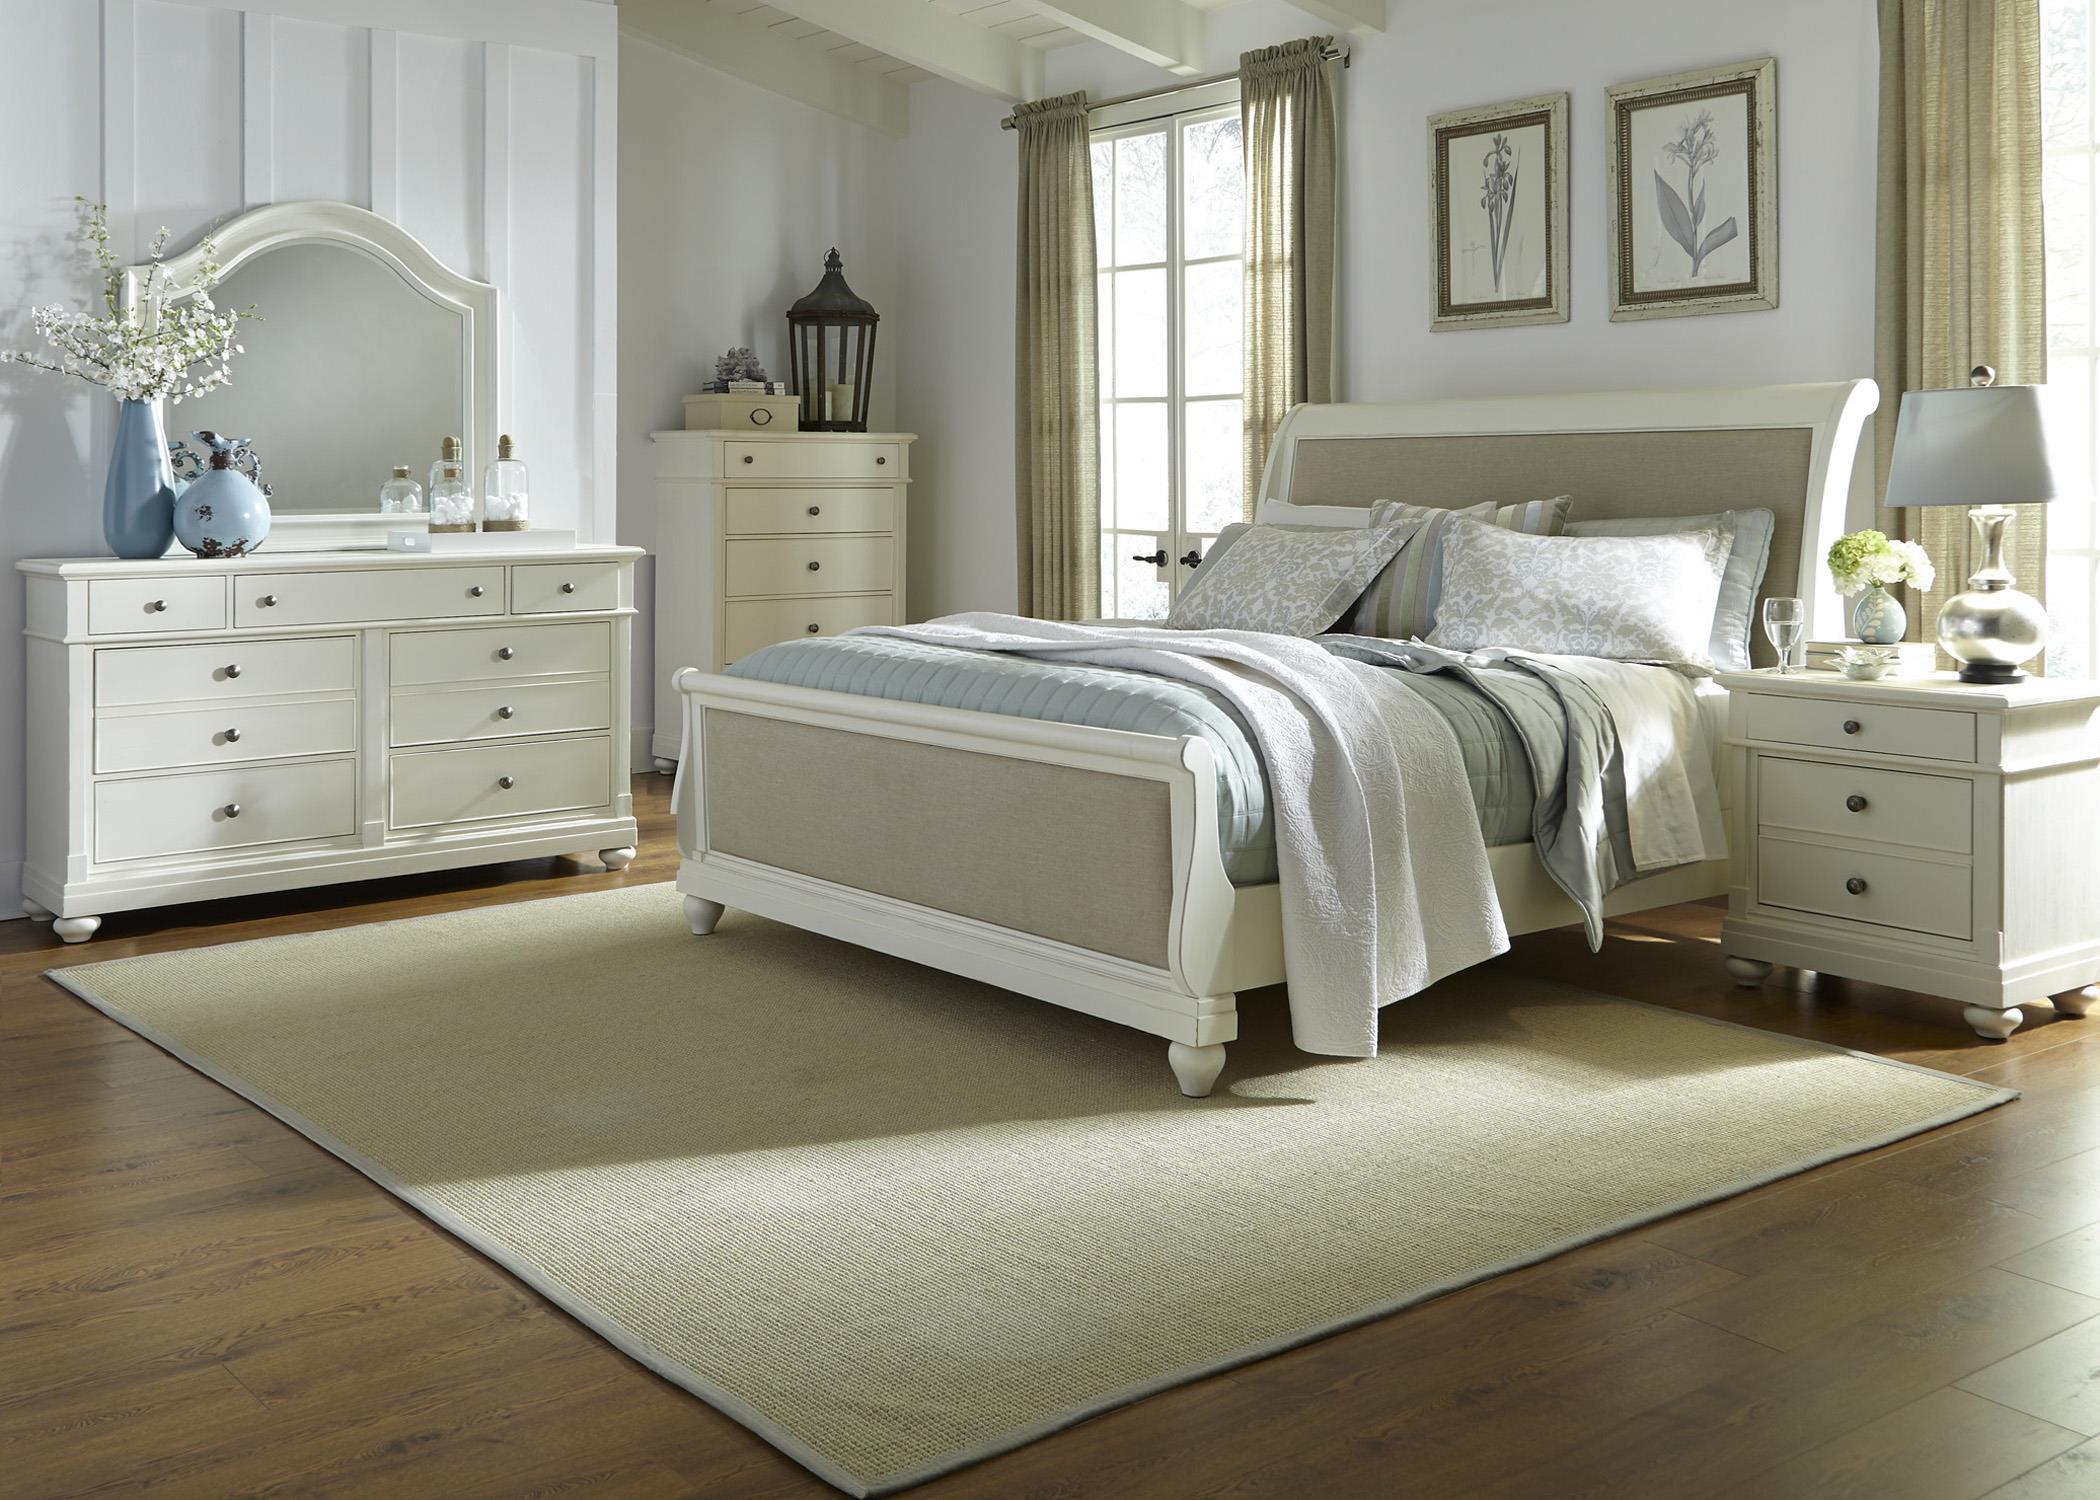 Liberty Furniture Harbor View Queen Bedroom Group - Item Number: 631-BR-QSLDMCN